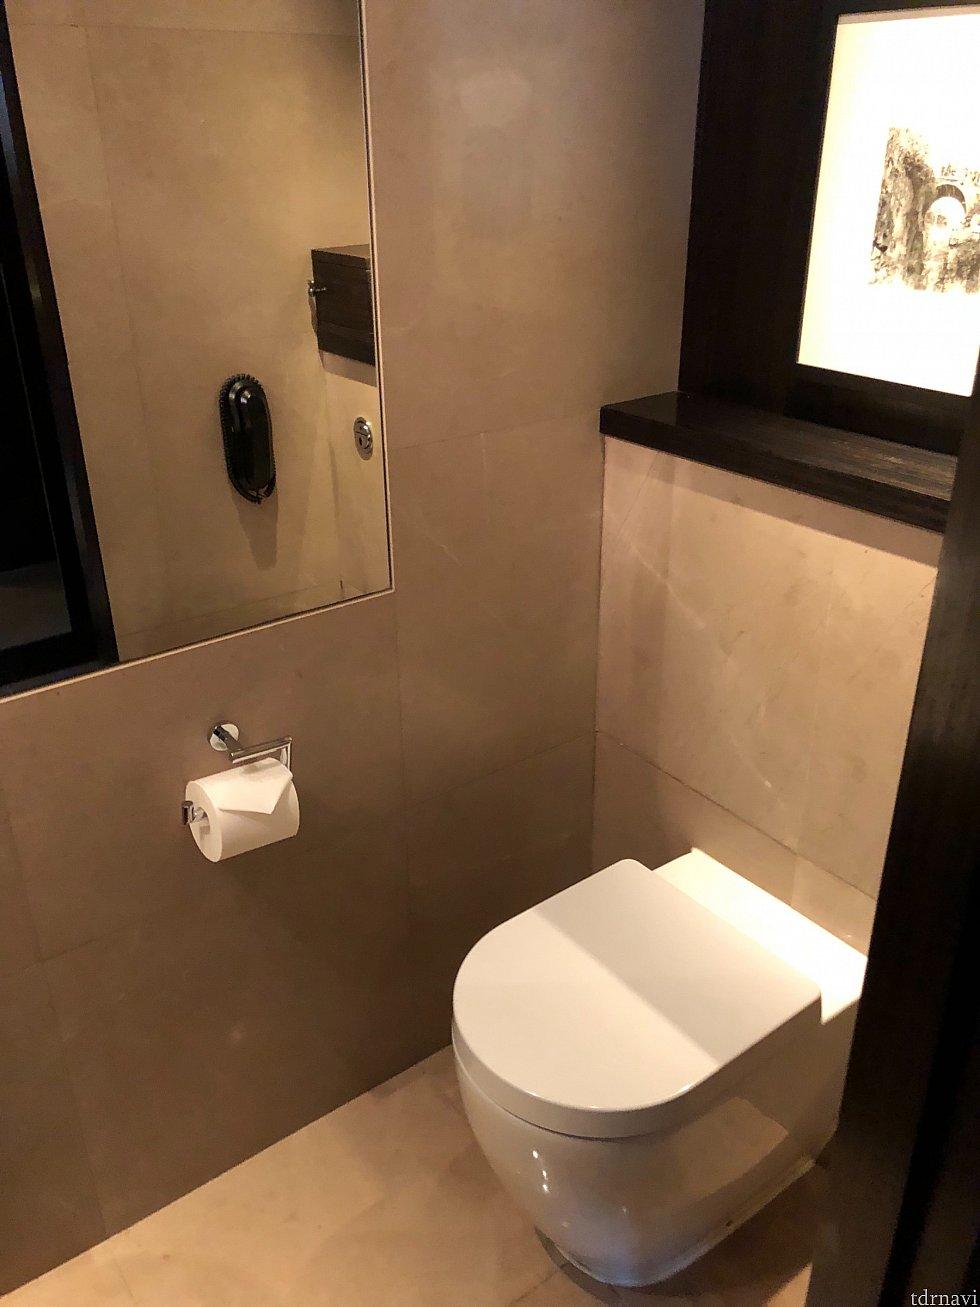 トイレは個室で、シャワールームとは別。